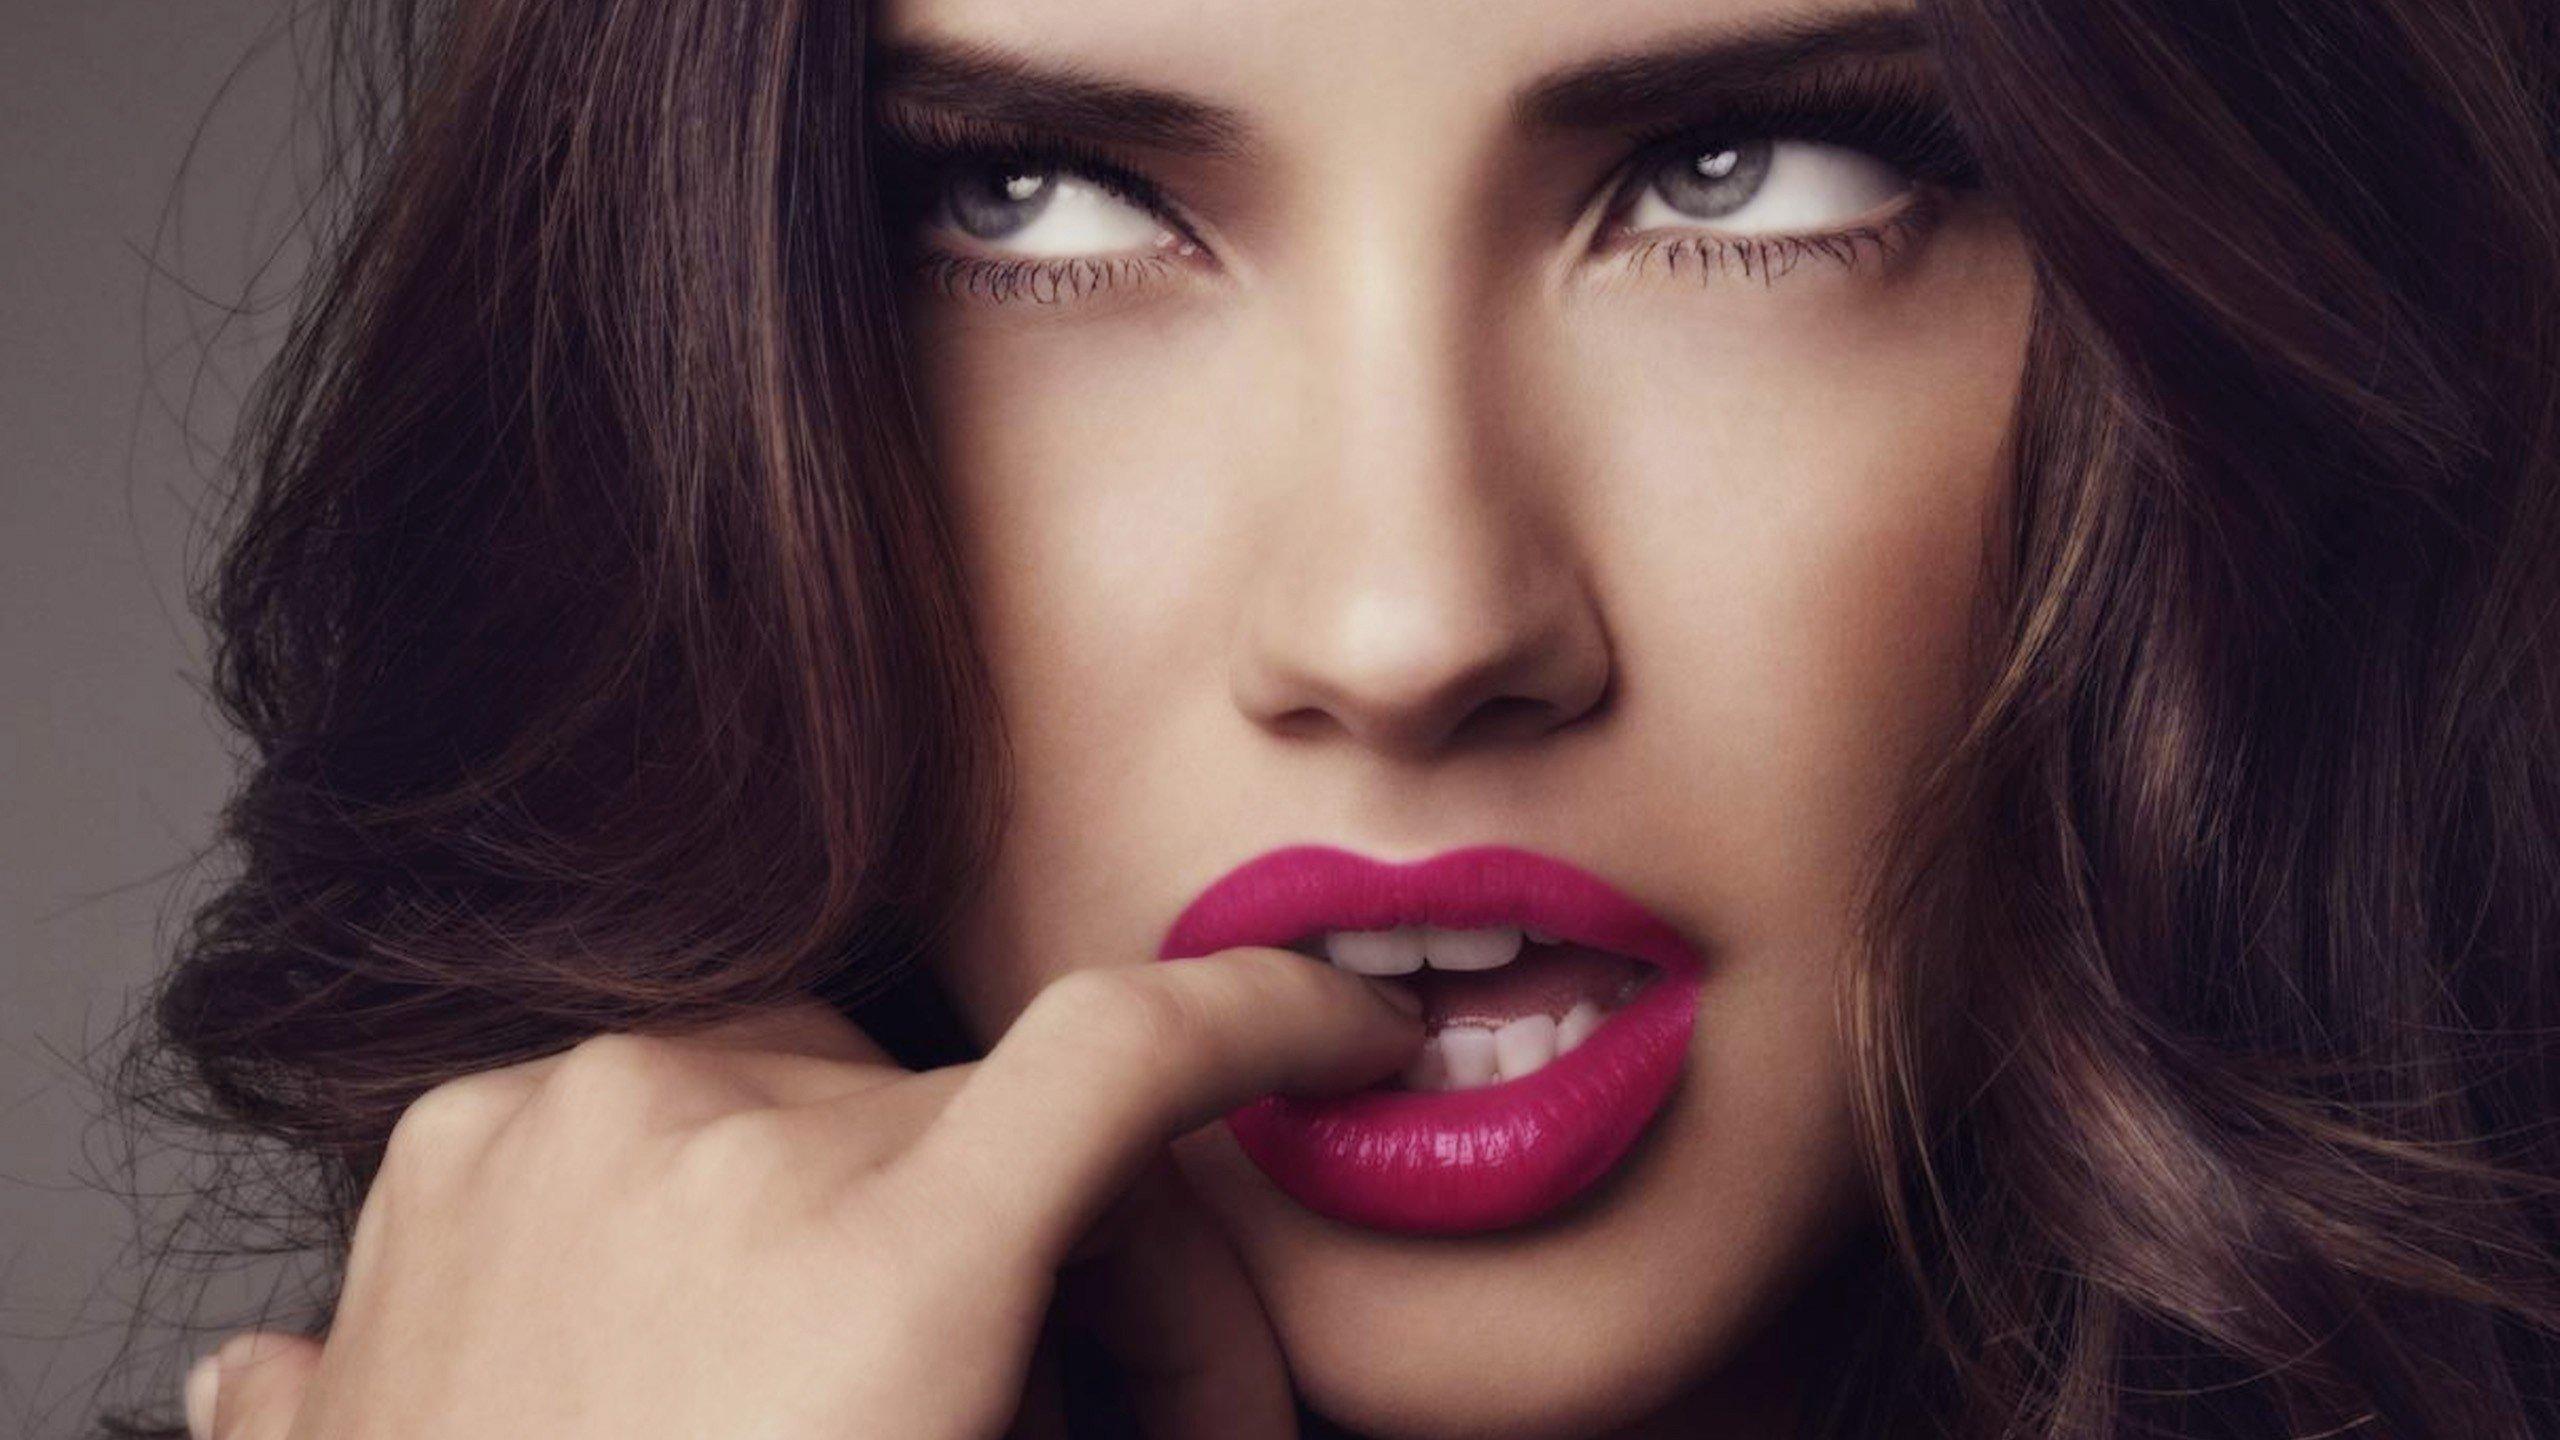 Adriana Lima, Women, Model, Brunette, Blue eyes, Sensual gaze Wallpaper